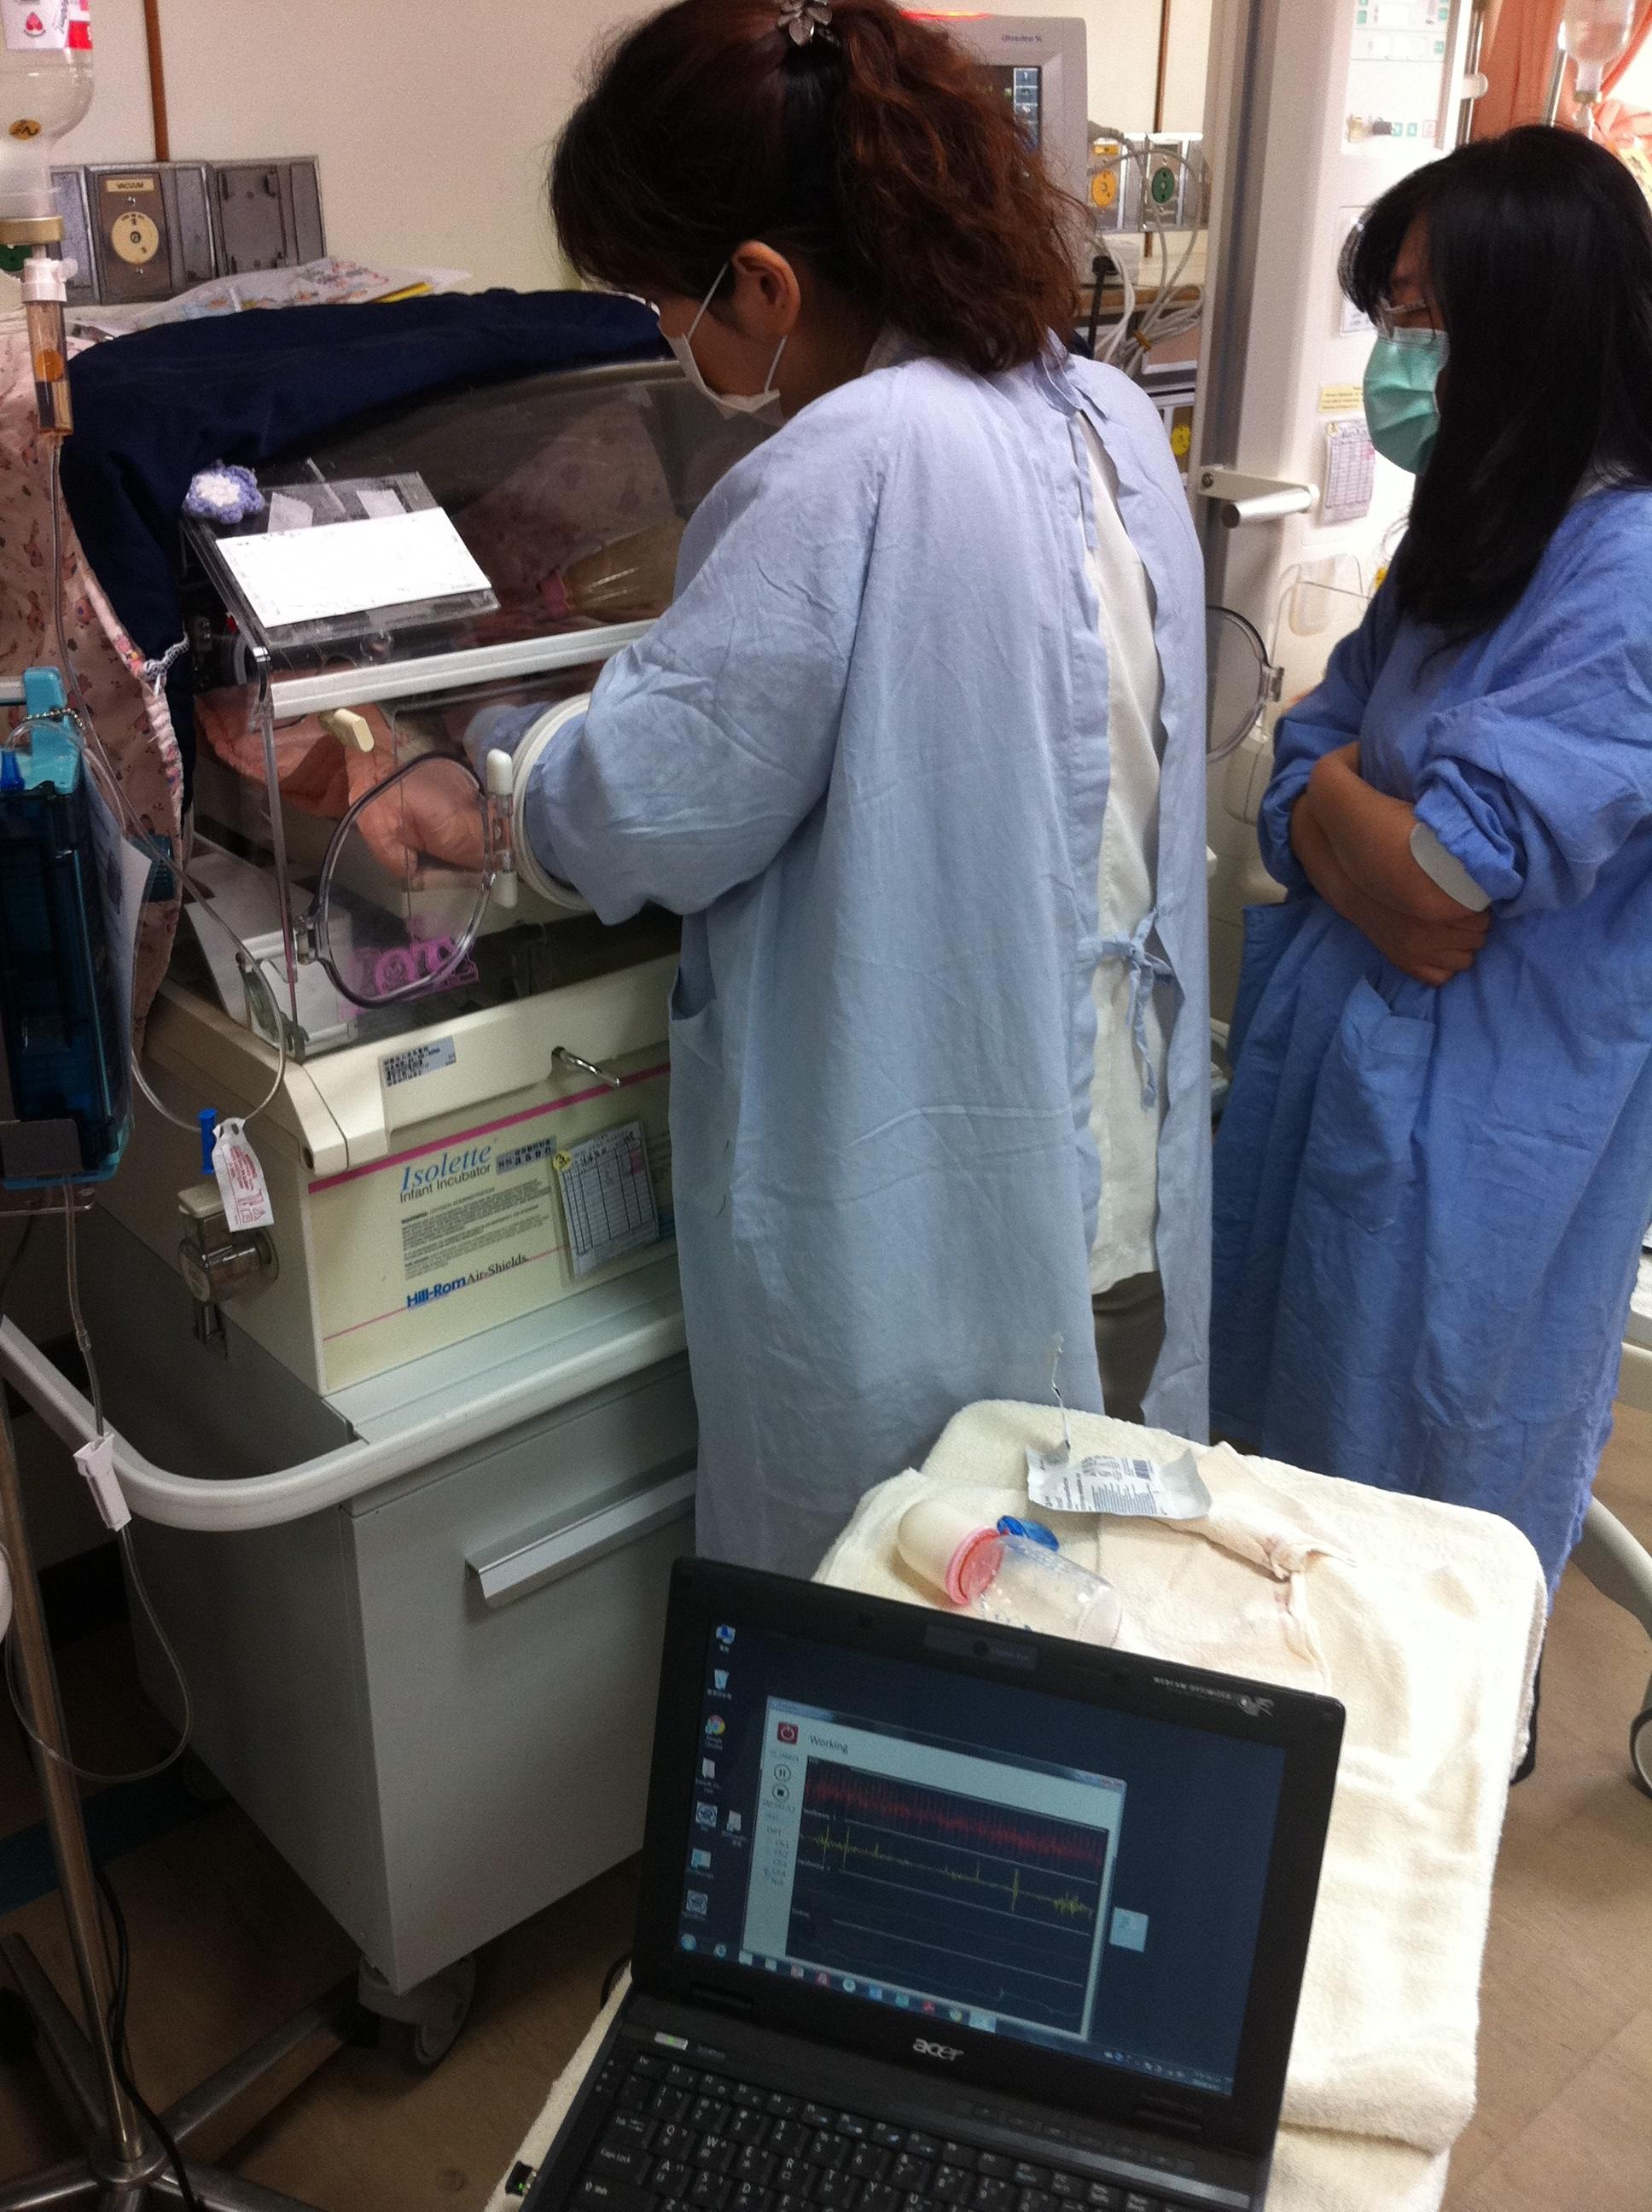 早產在保溫箱中經口餵食訓練並同步偵測吸吮-吞嚥-呼吸協調狀況